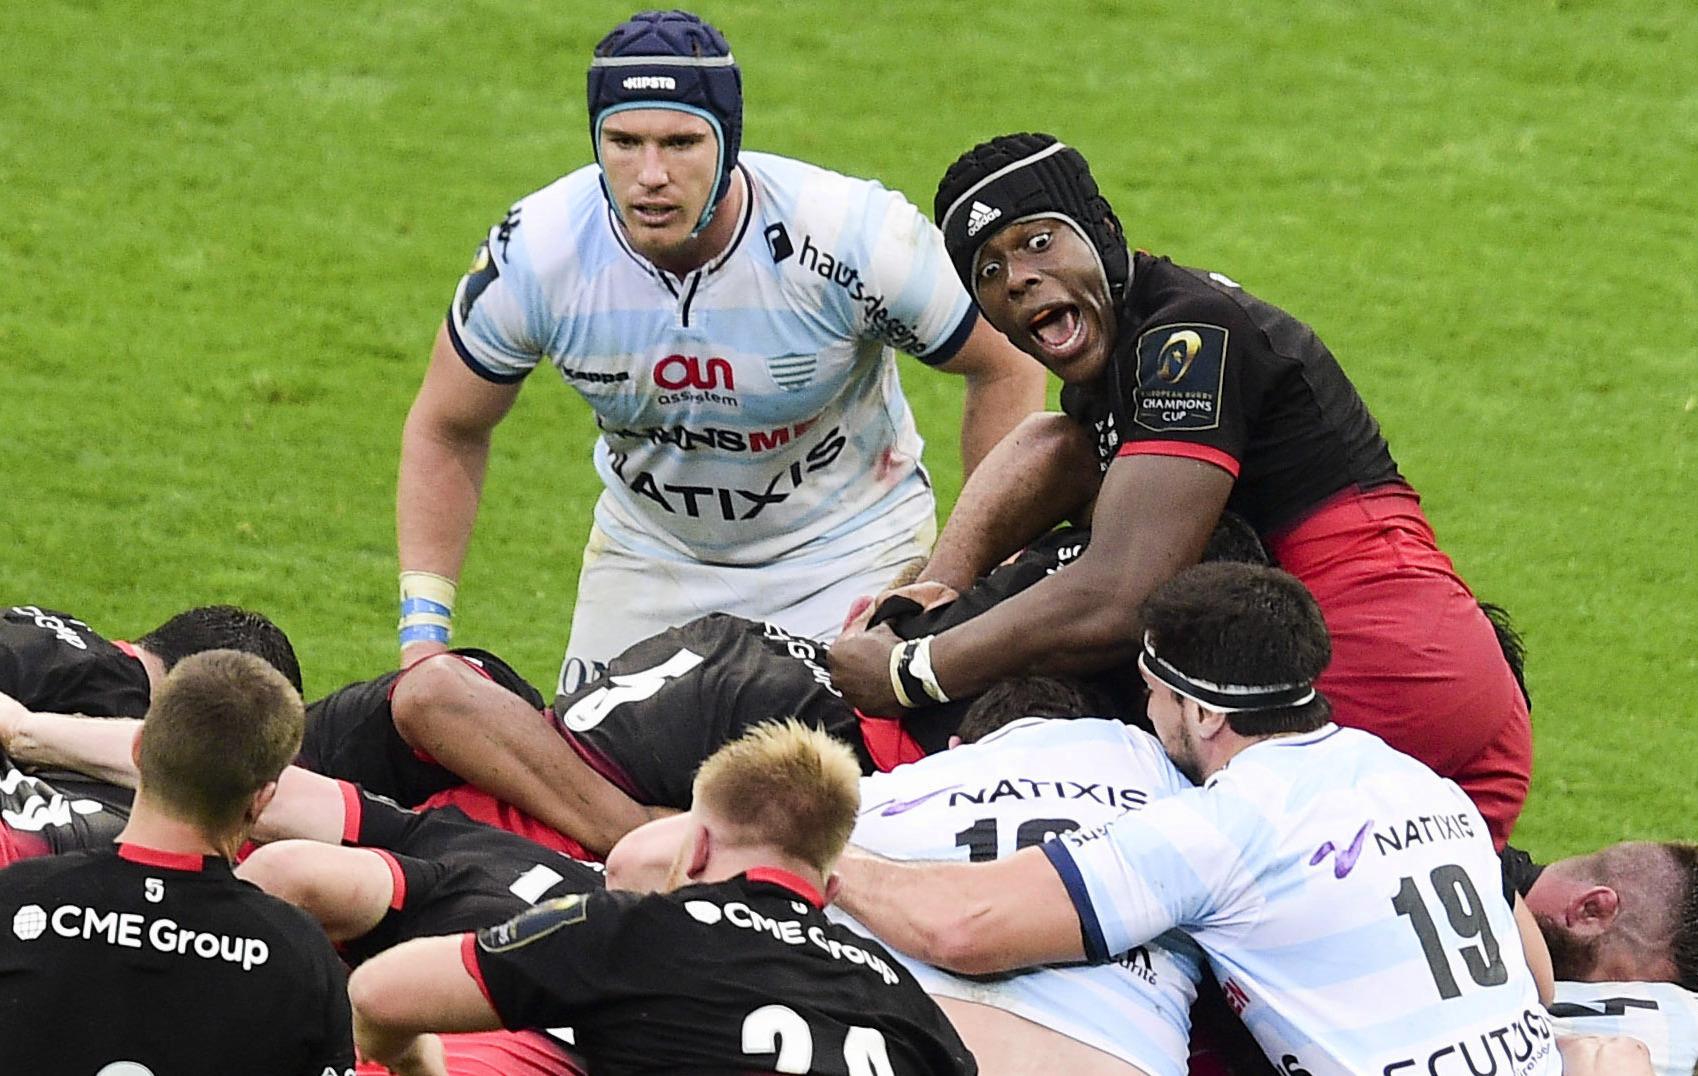 Rugby - Coupes d'Europe - Champions Cup : le Racing pas gâté, Toulouse épargné et du lourd pour Clermont